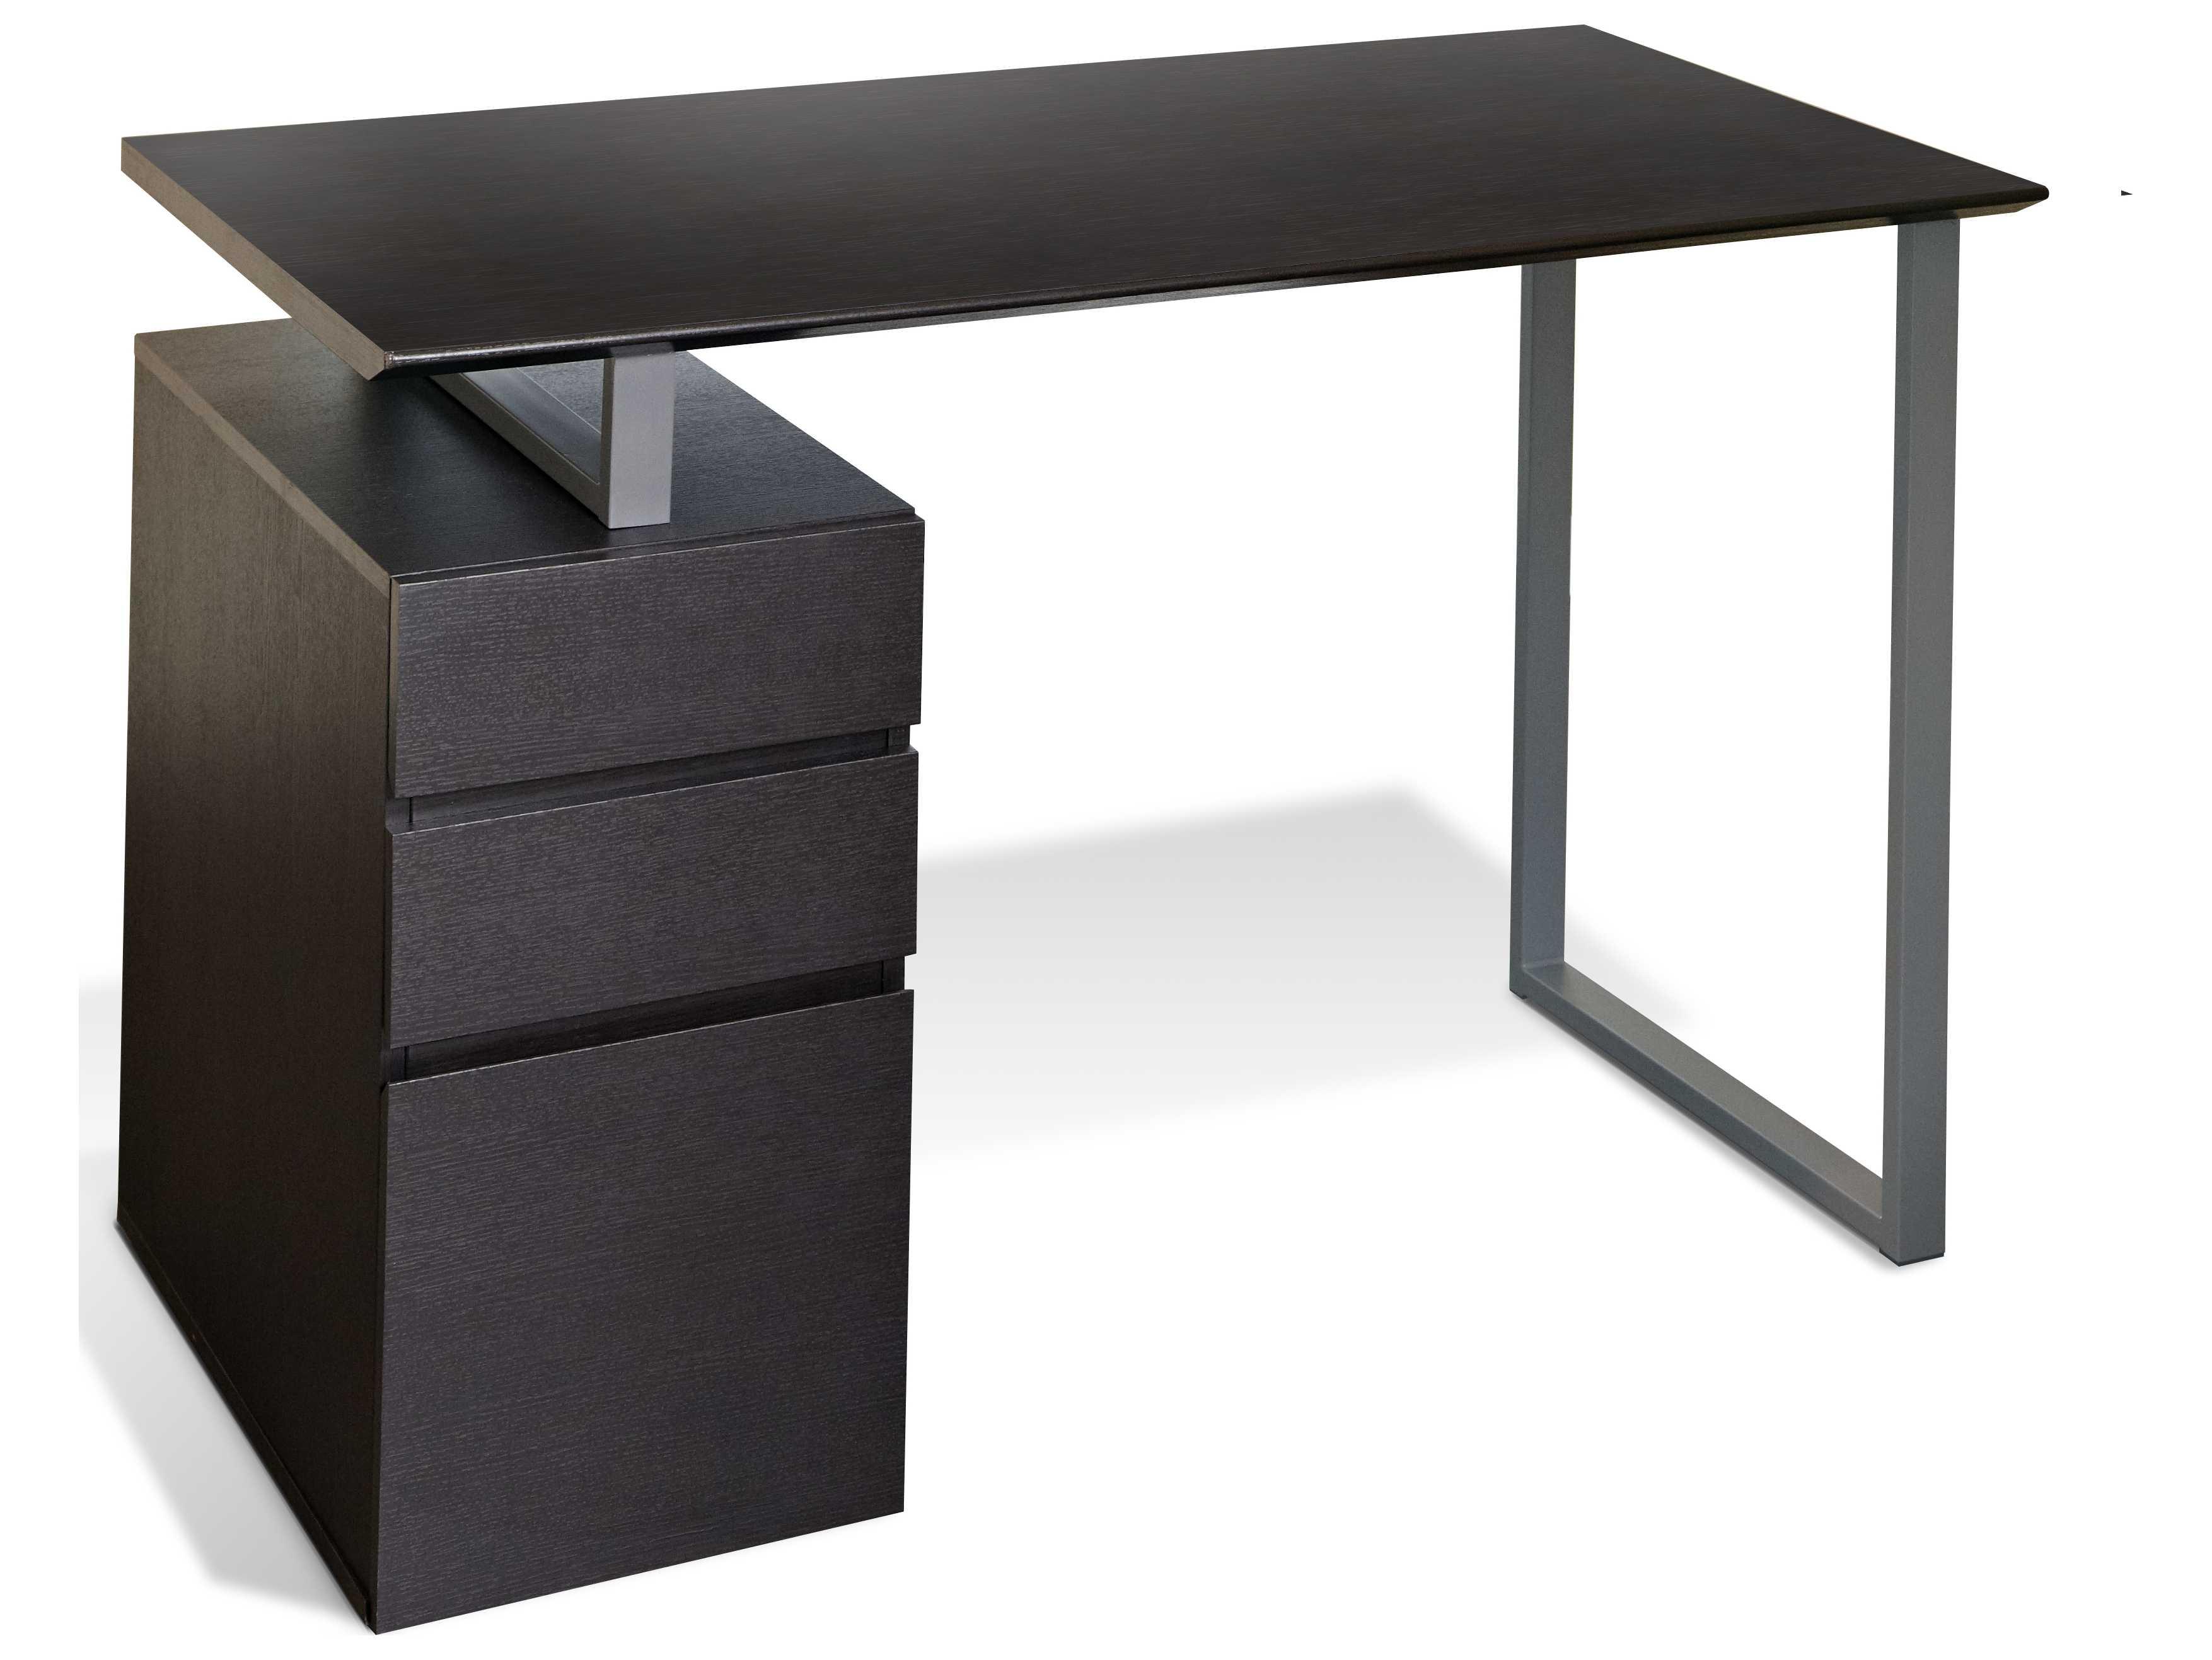 Unique Furniture 200 Series Espresso 48 X 24 Writing Desk